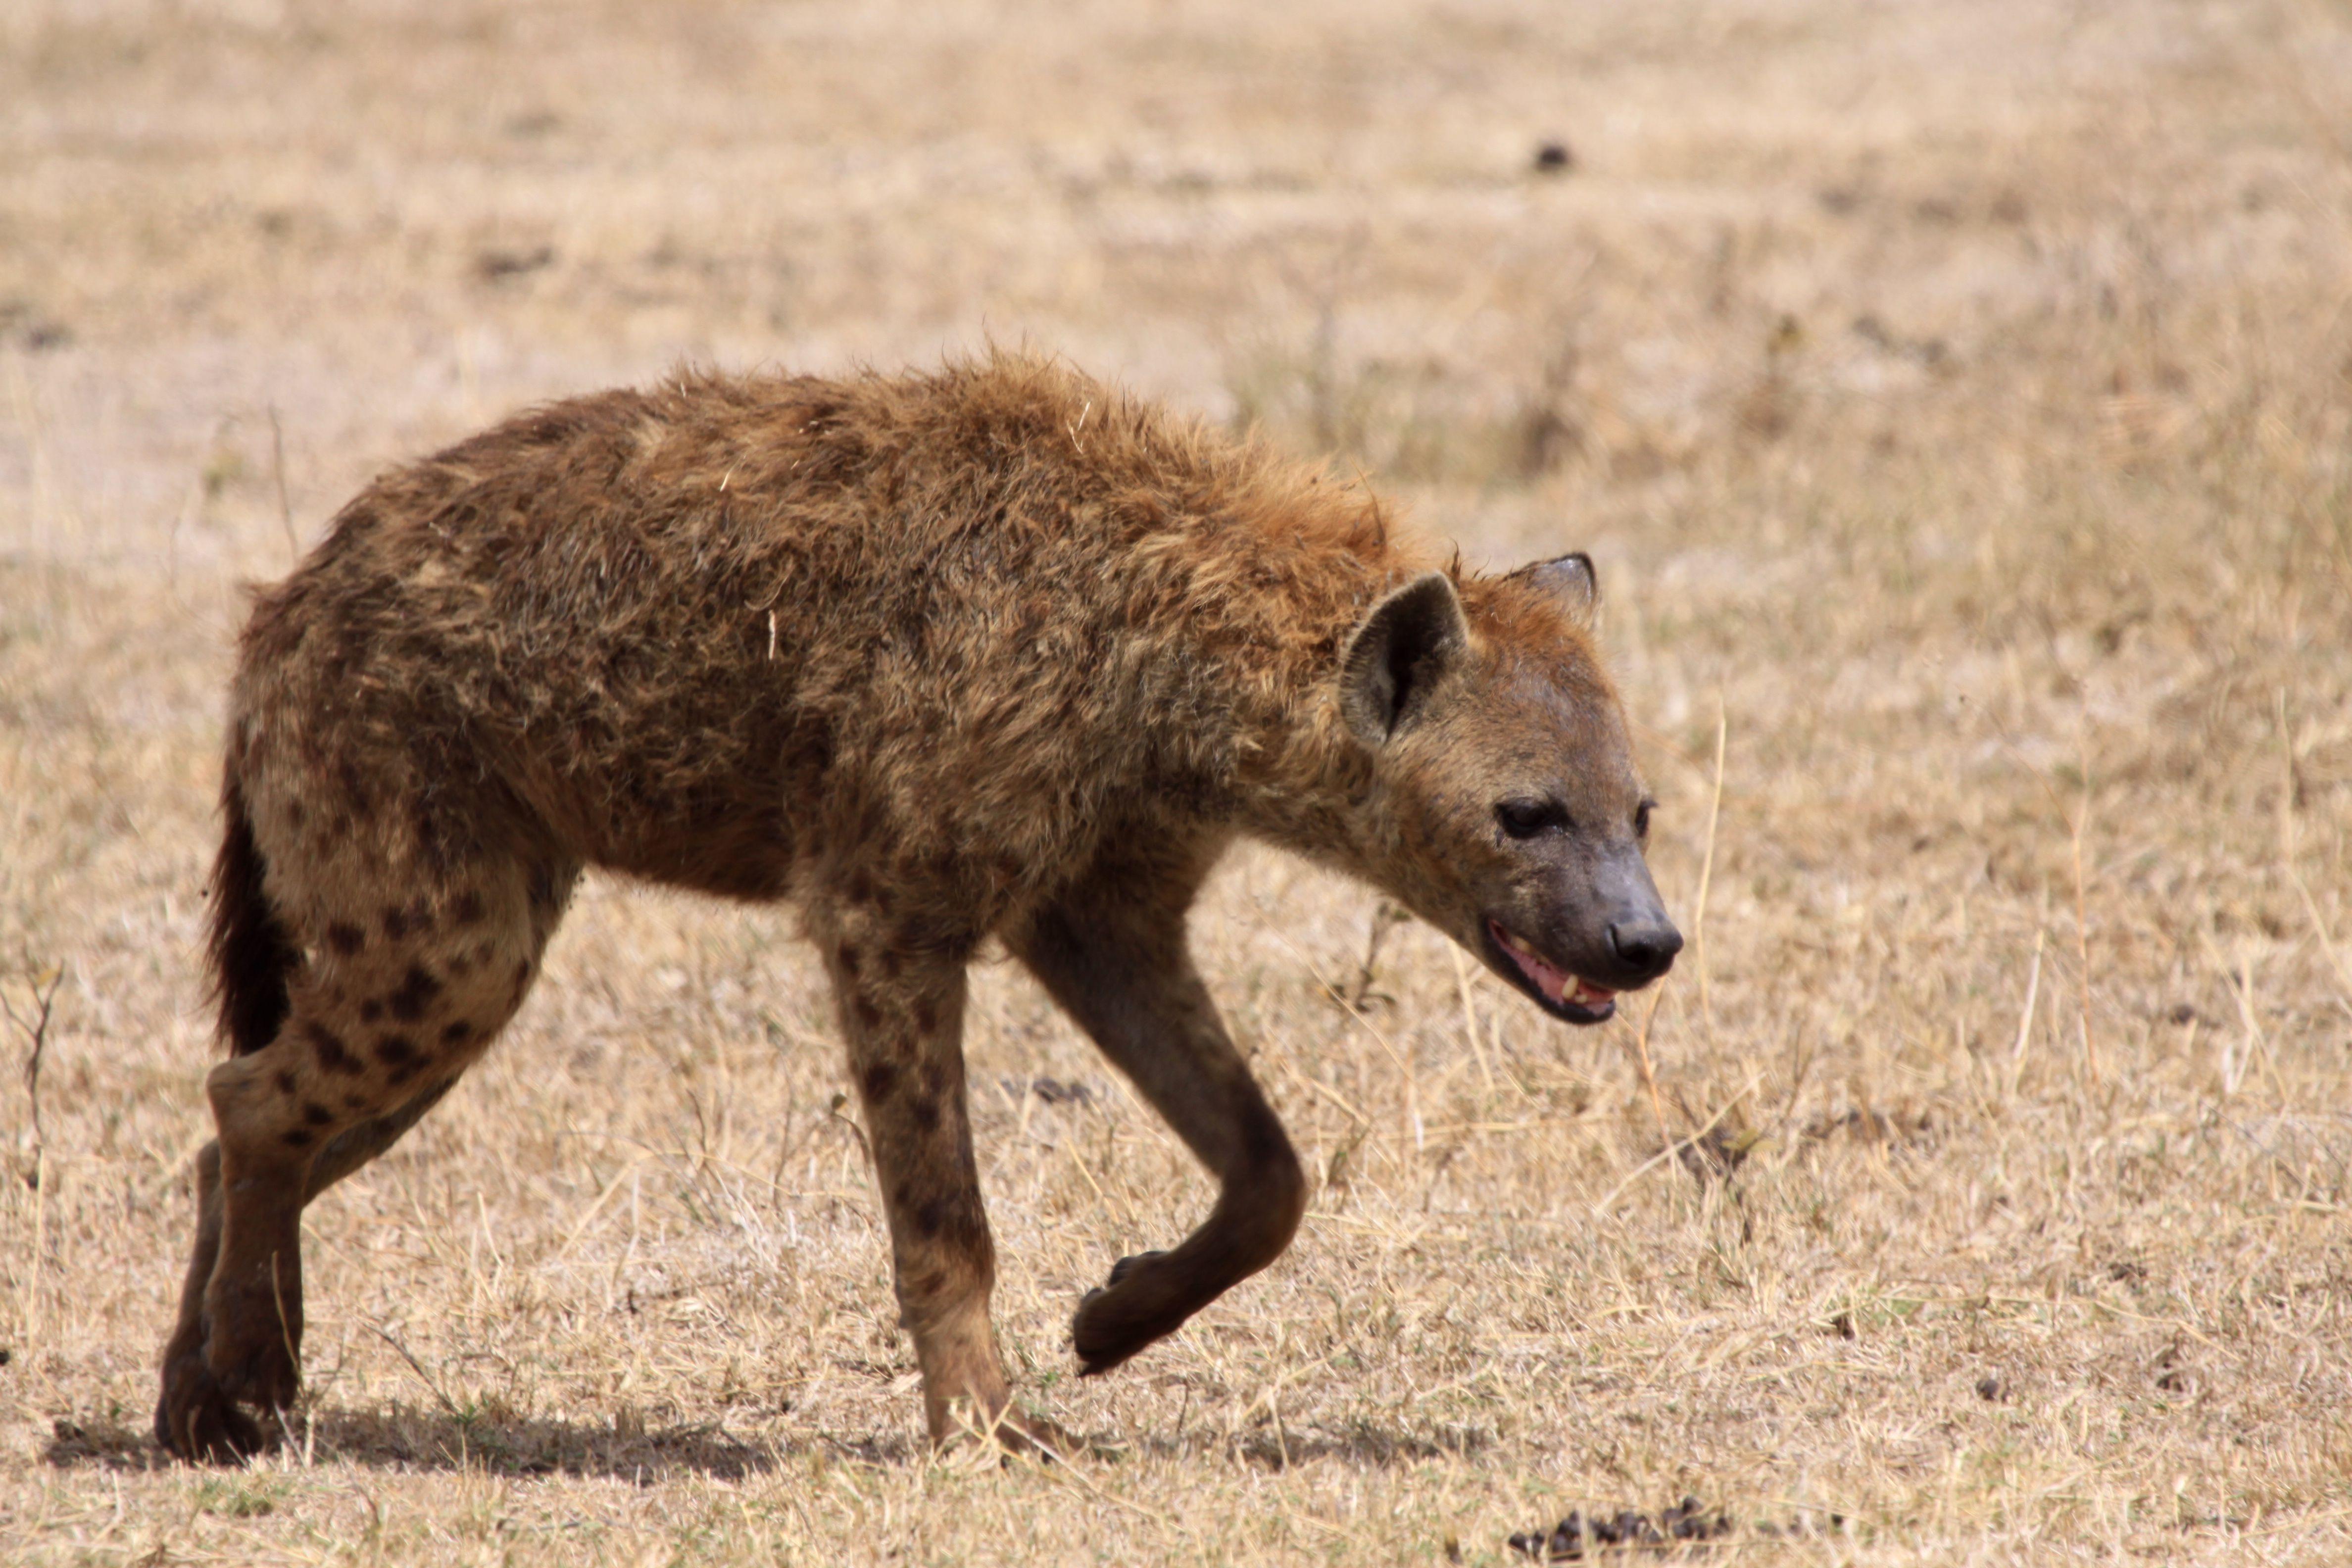 A hyena walking